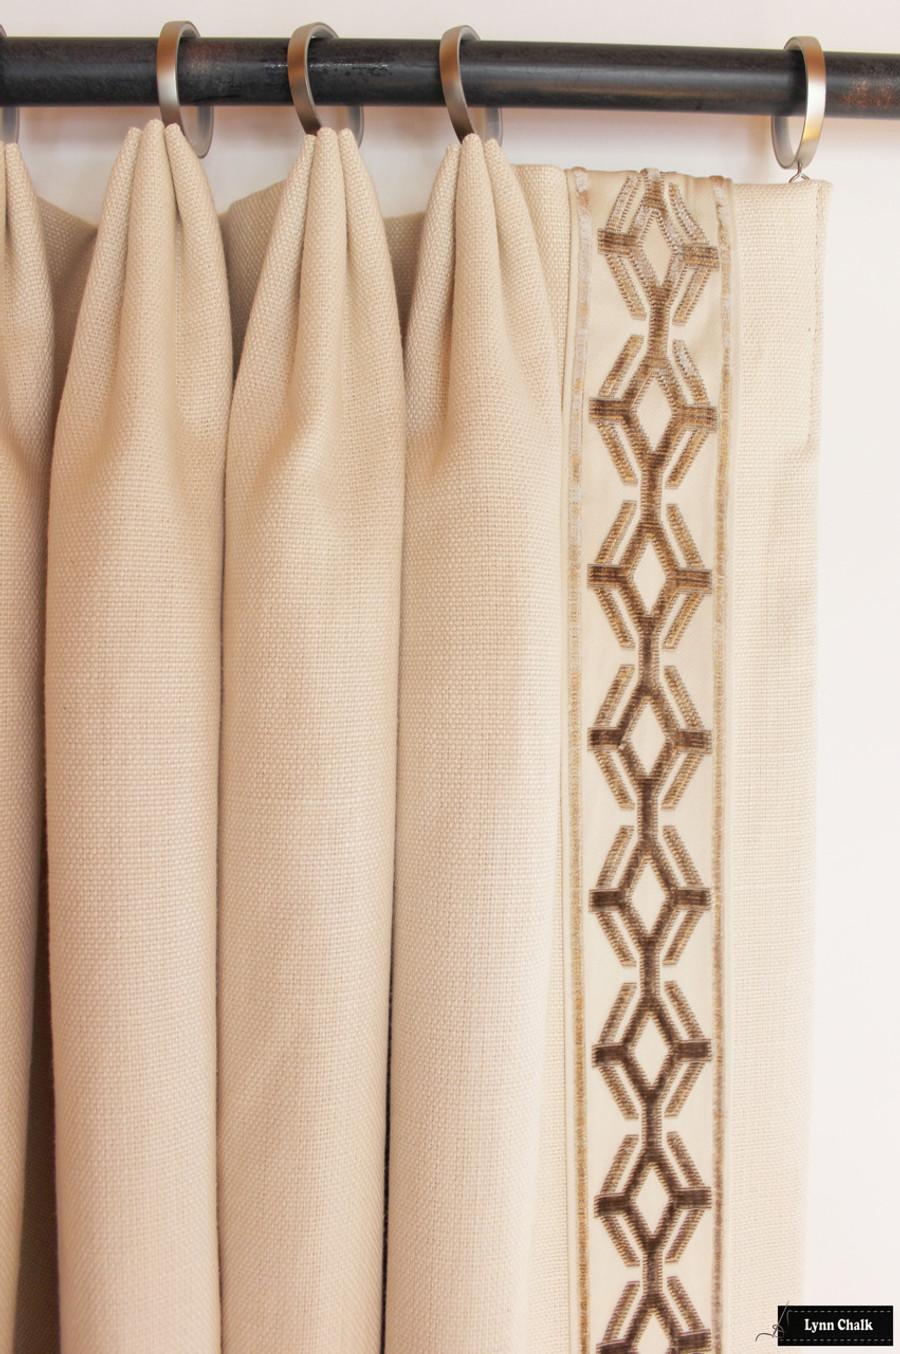 Linen Drapes with Samuel and Sons Orly Epingle Velvet Border in Linen